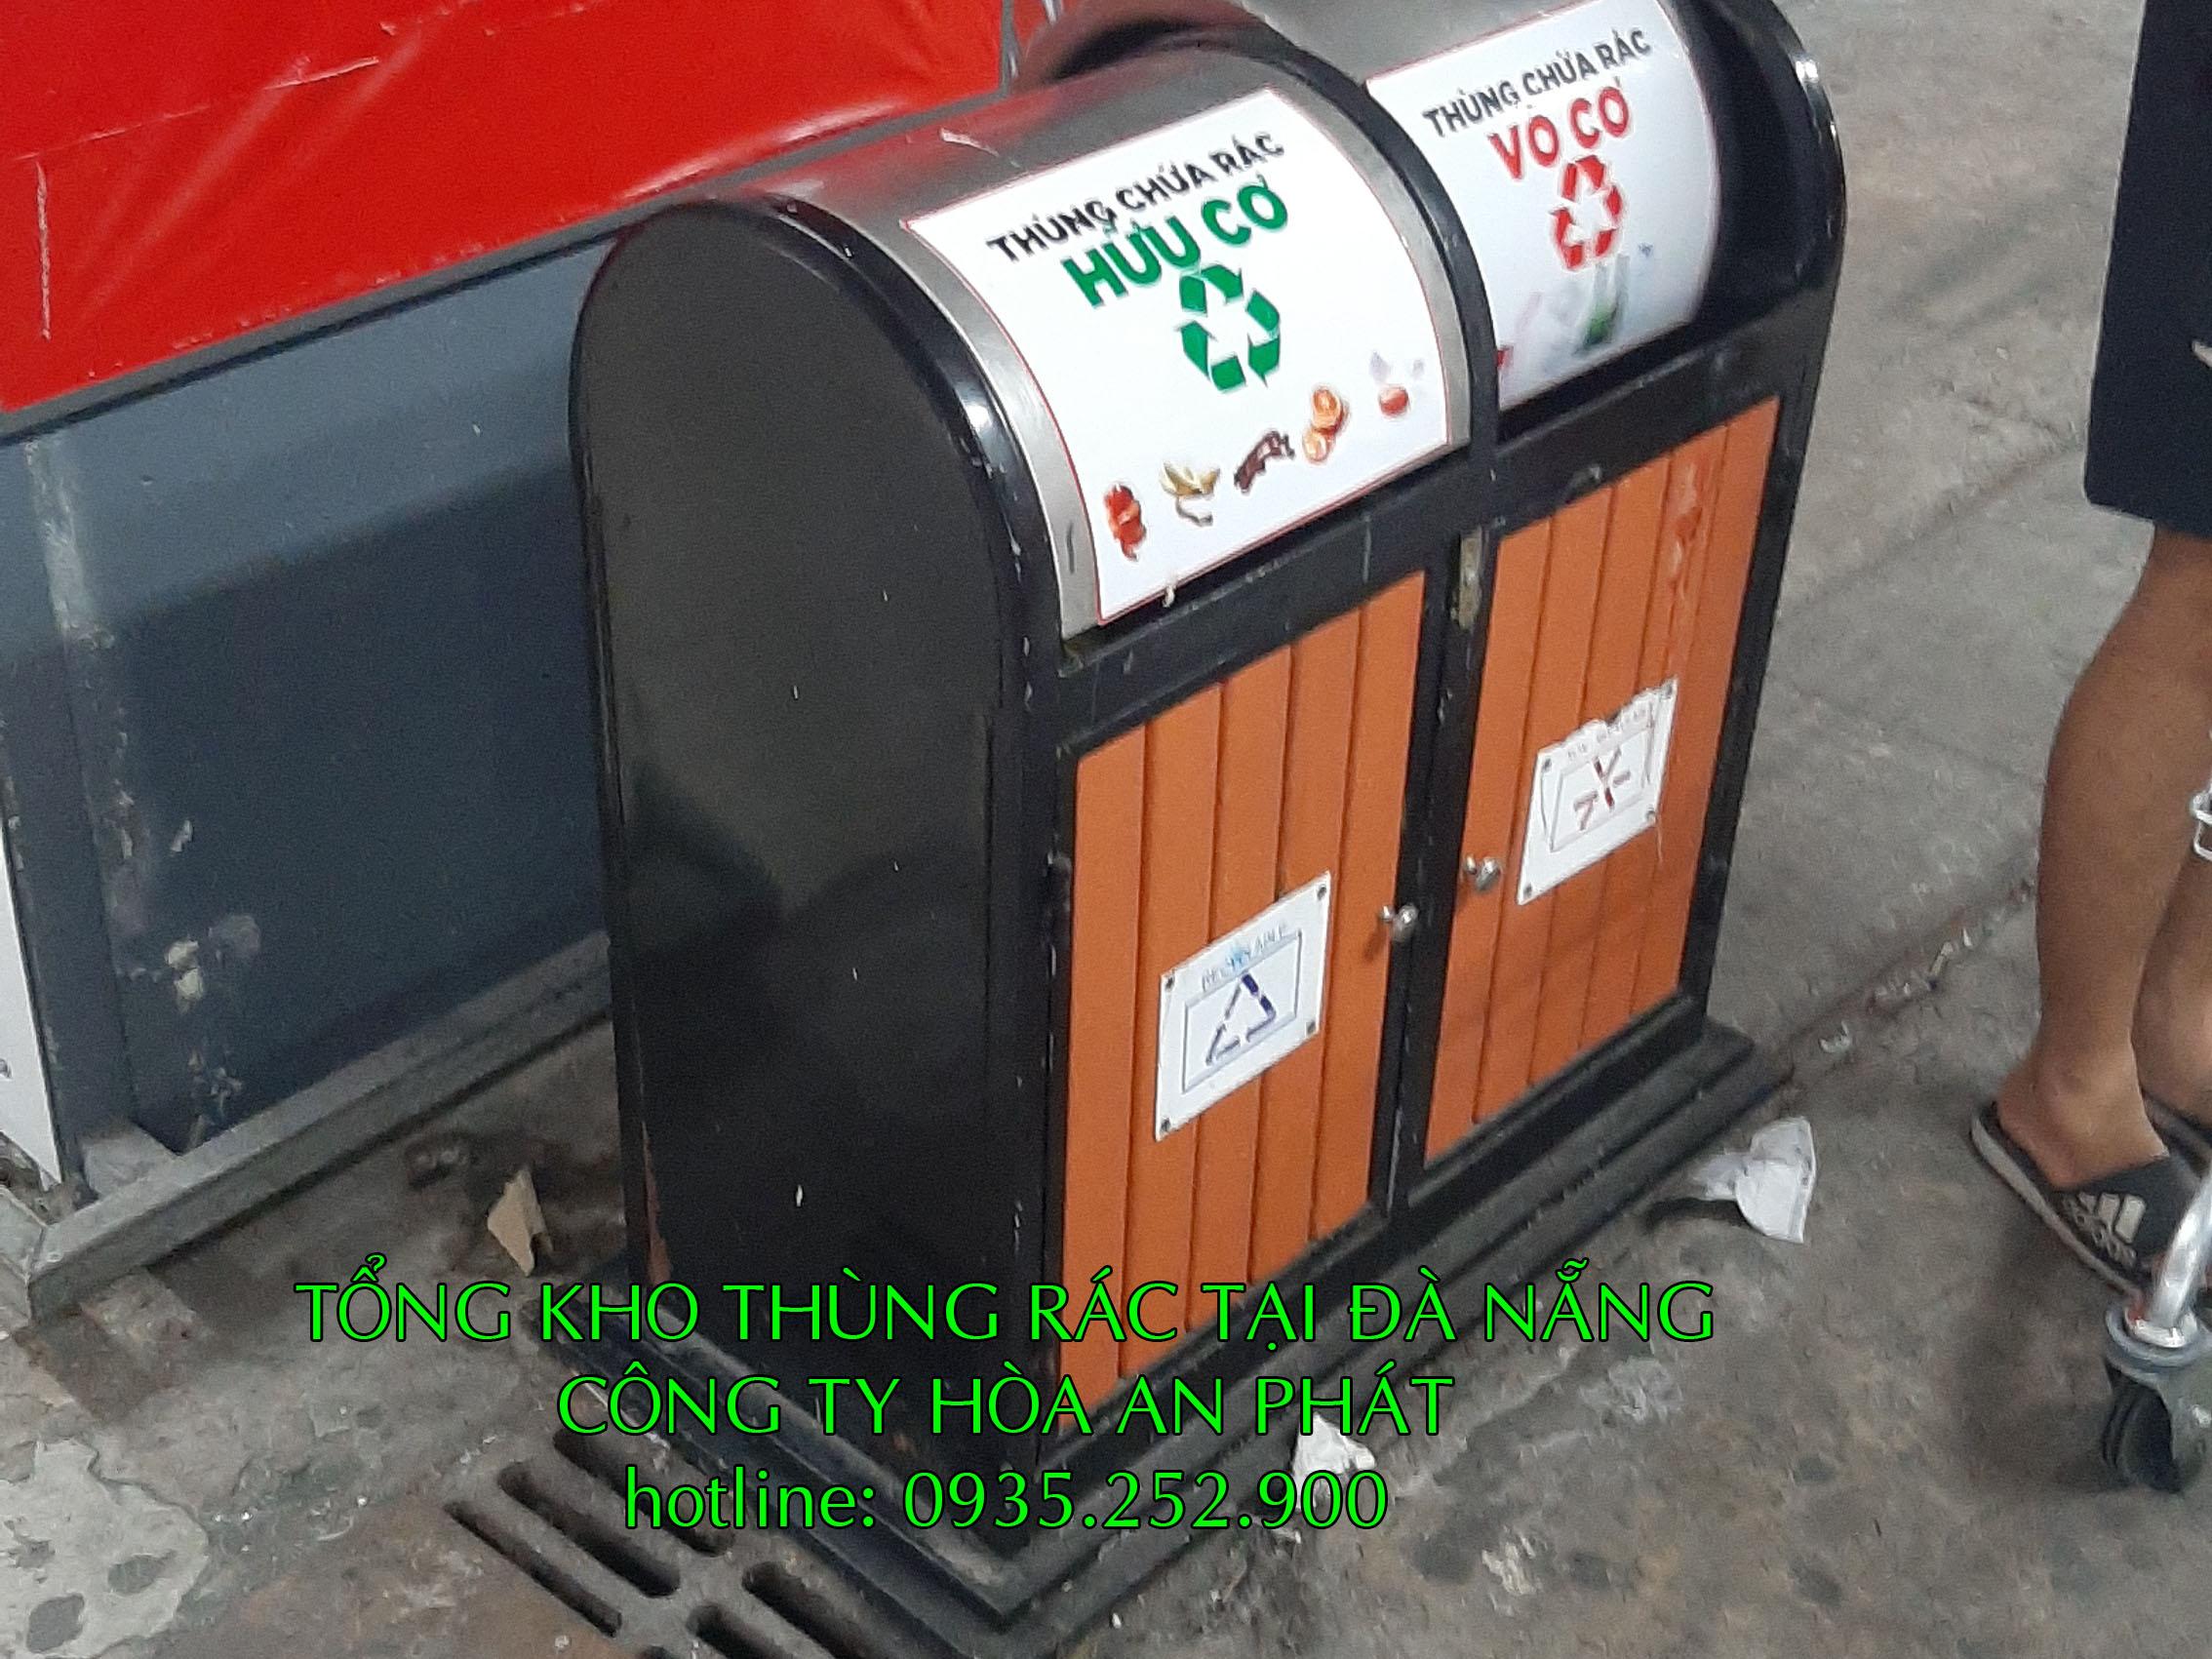 thung-rac-phan-loai-tai-BigC-da-nang